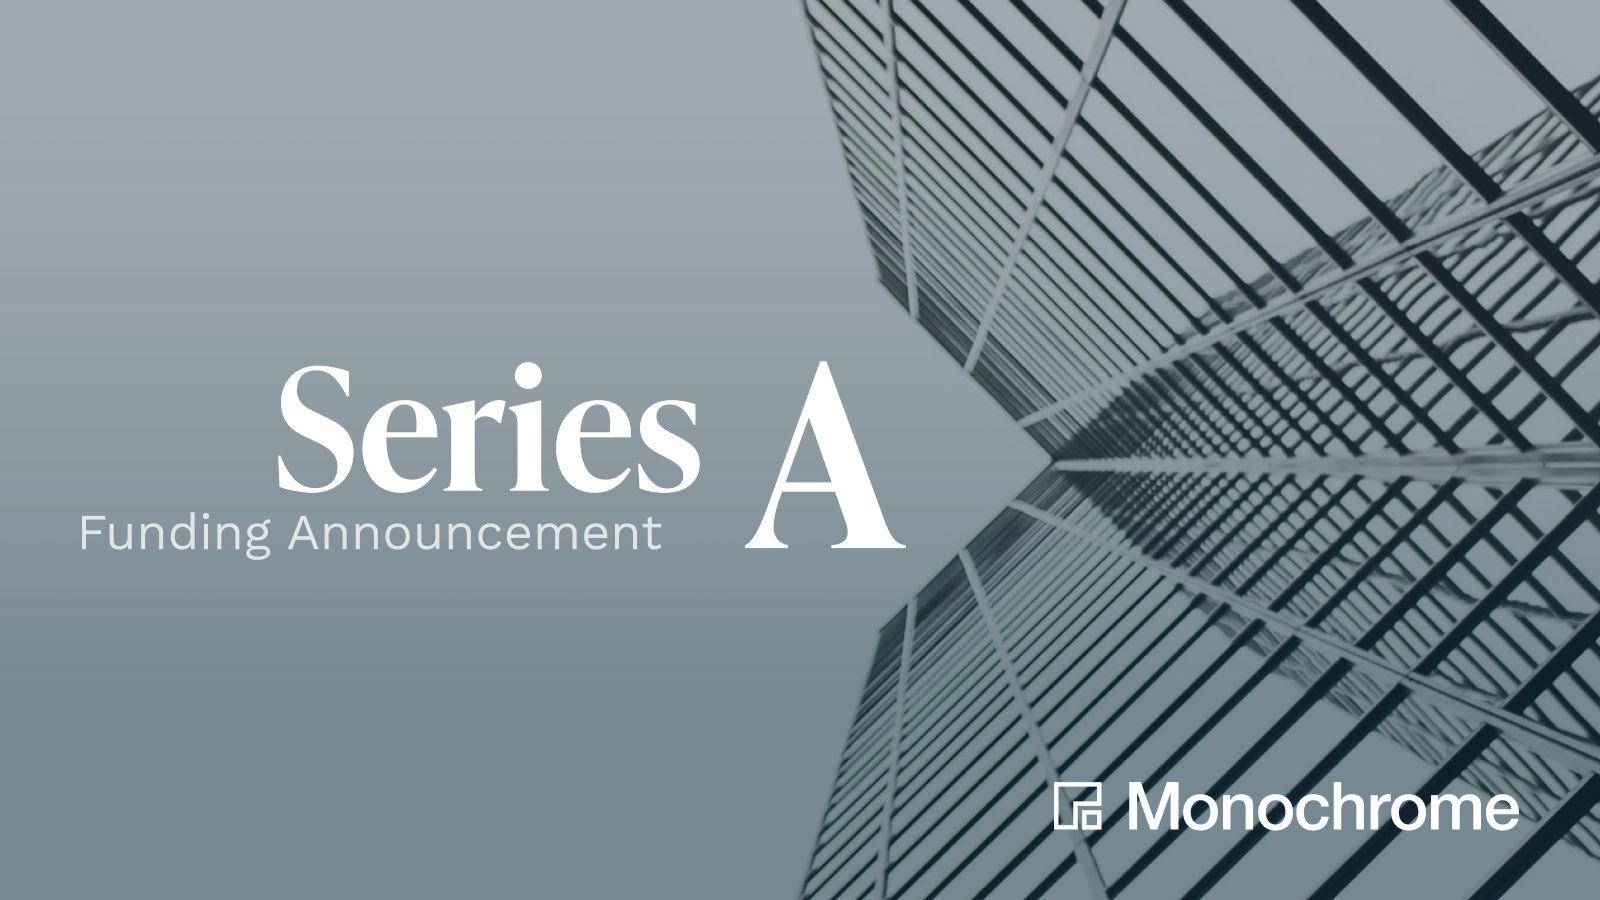 Series_A_Announcement_Monochrome_Asset_Management.jpg